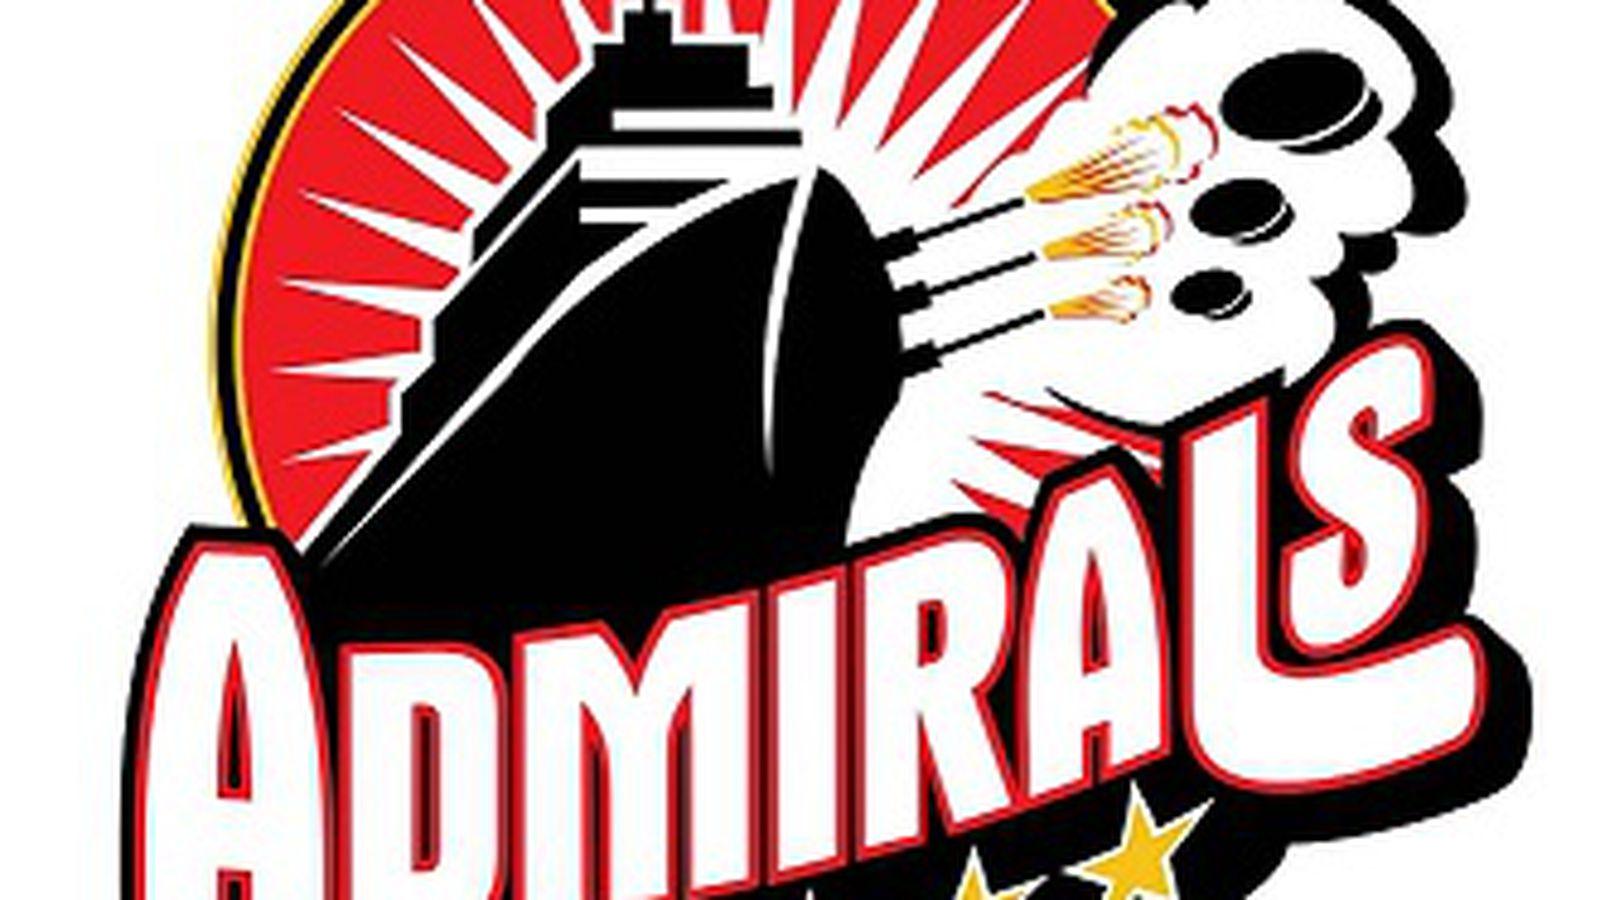 Admirals_logo.0.0